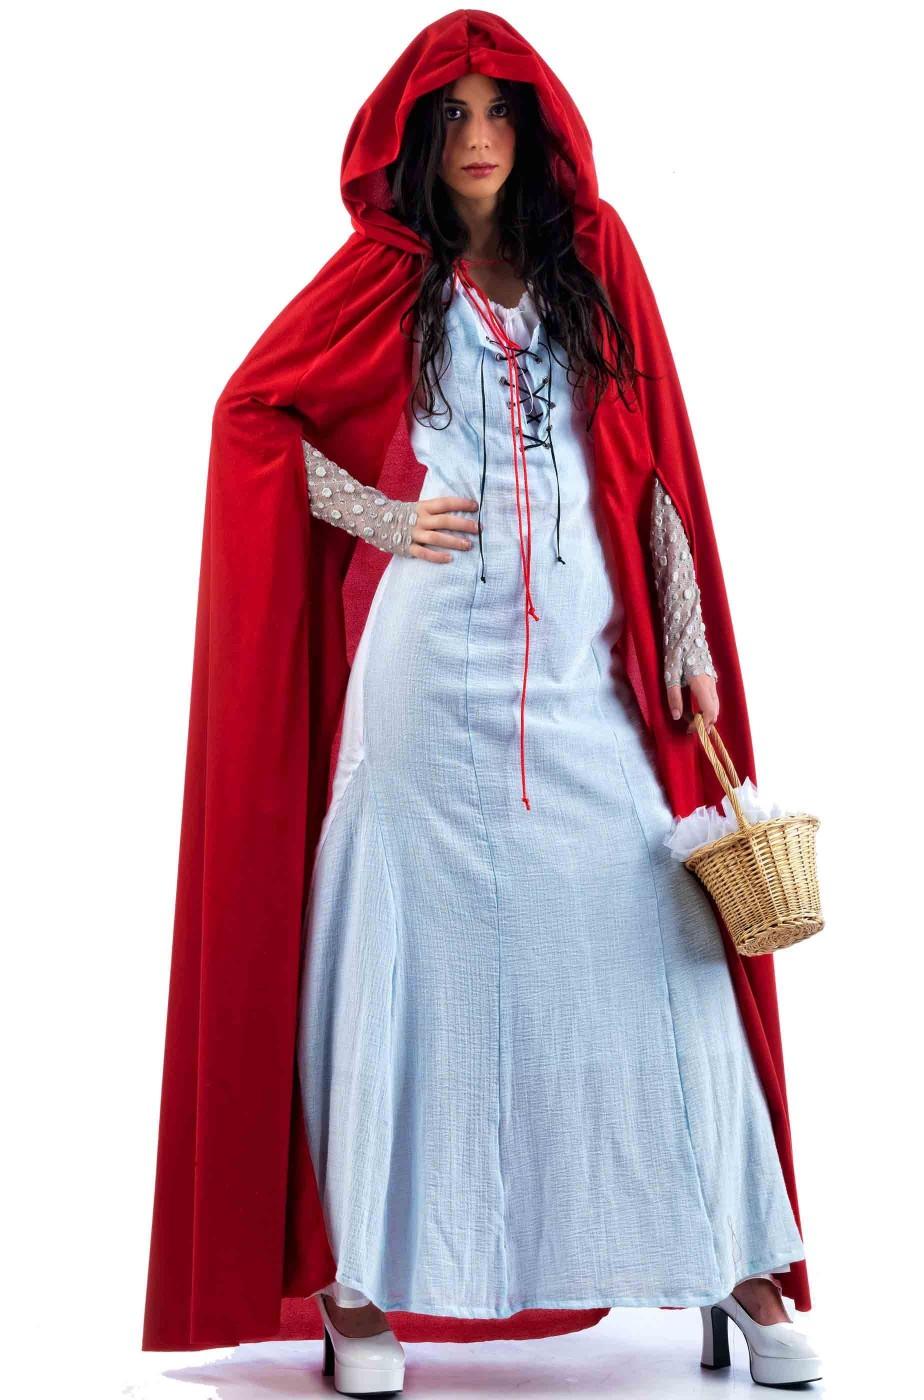 accdcf60ab52 Rosso Donna Lungo Adulto Carnevale Da Costume Di Cappuccetto 1JFKcl